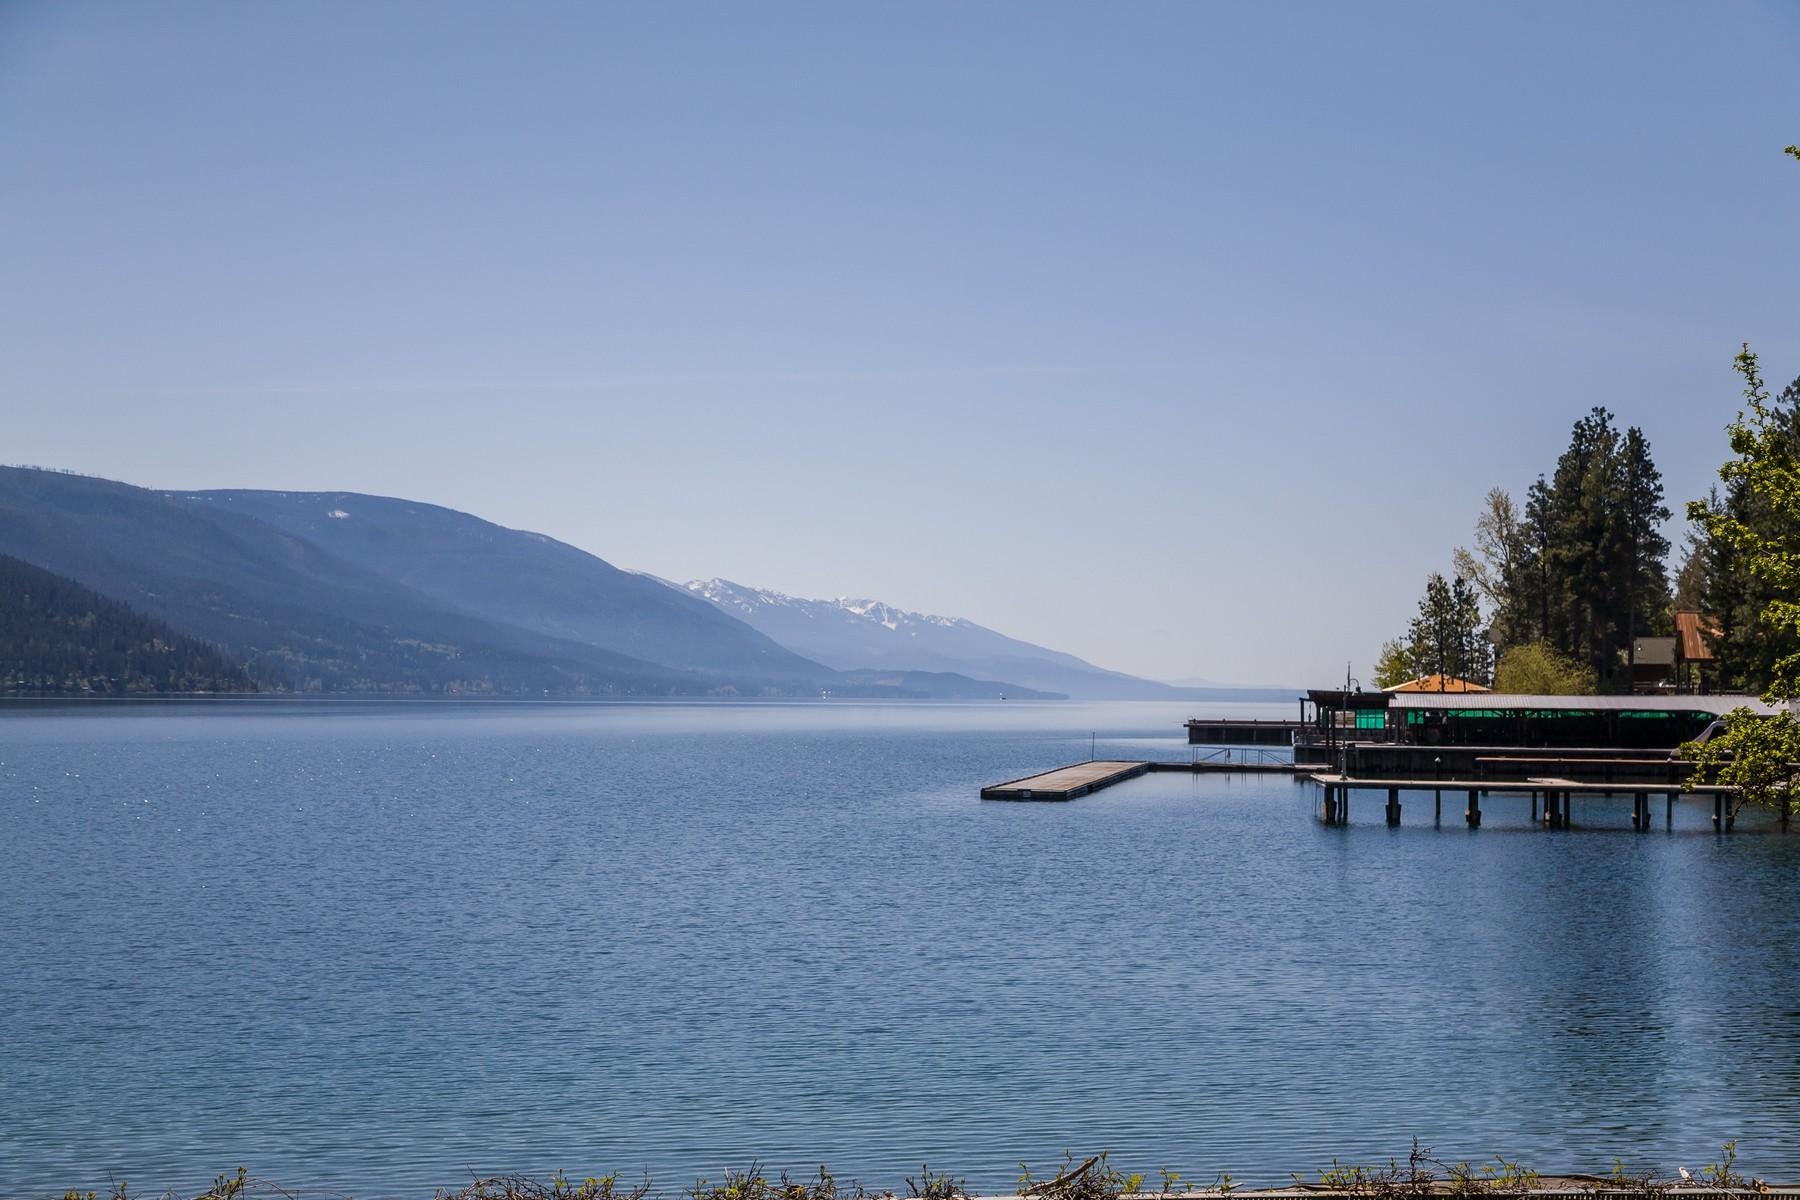 Villa per Vendita alle ore 33183 Lakeshore Drive 33183 Lakeshore Dr Bigfork, Montana, 59911 Stati Uniti